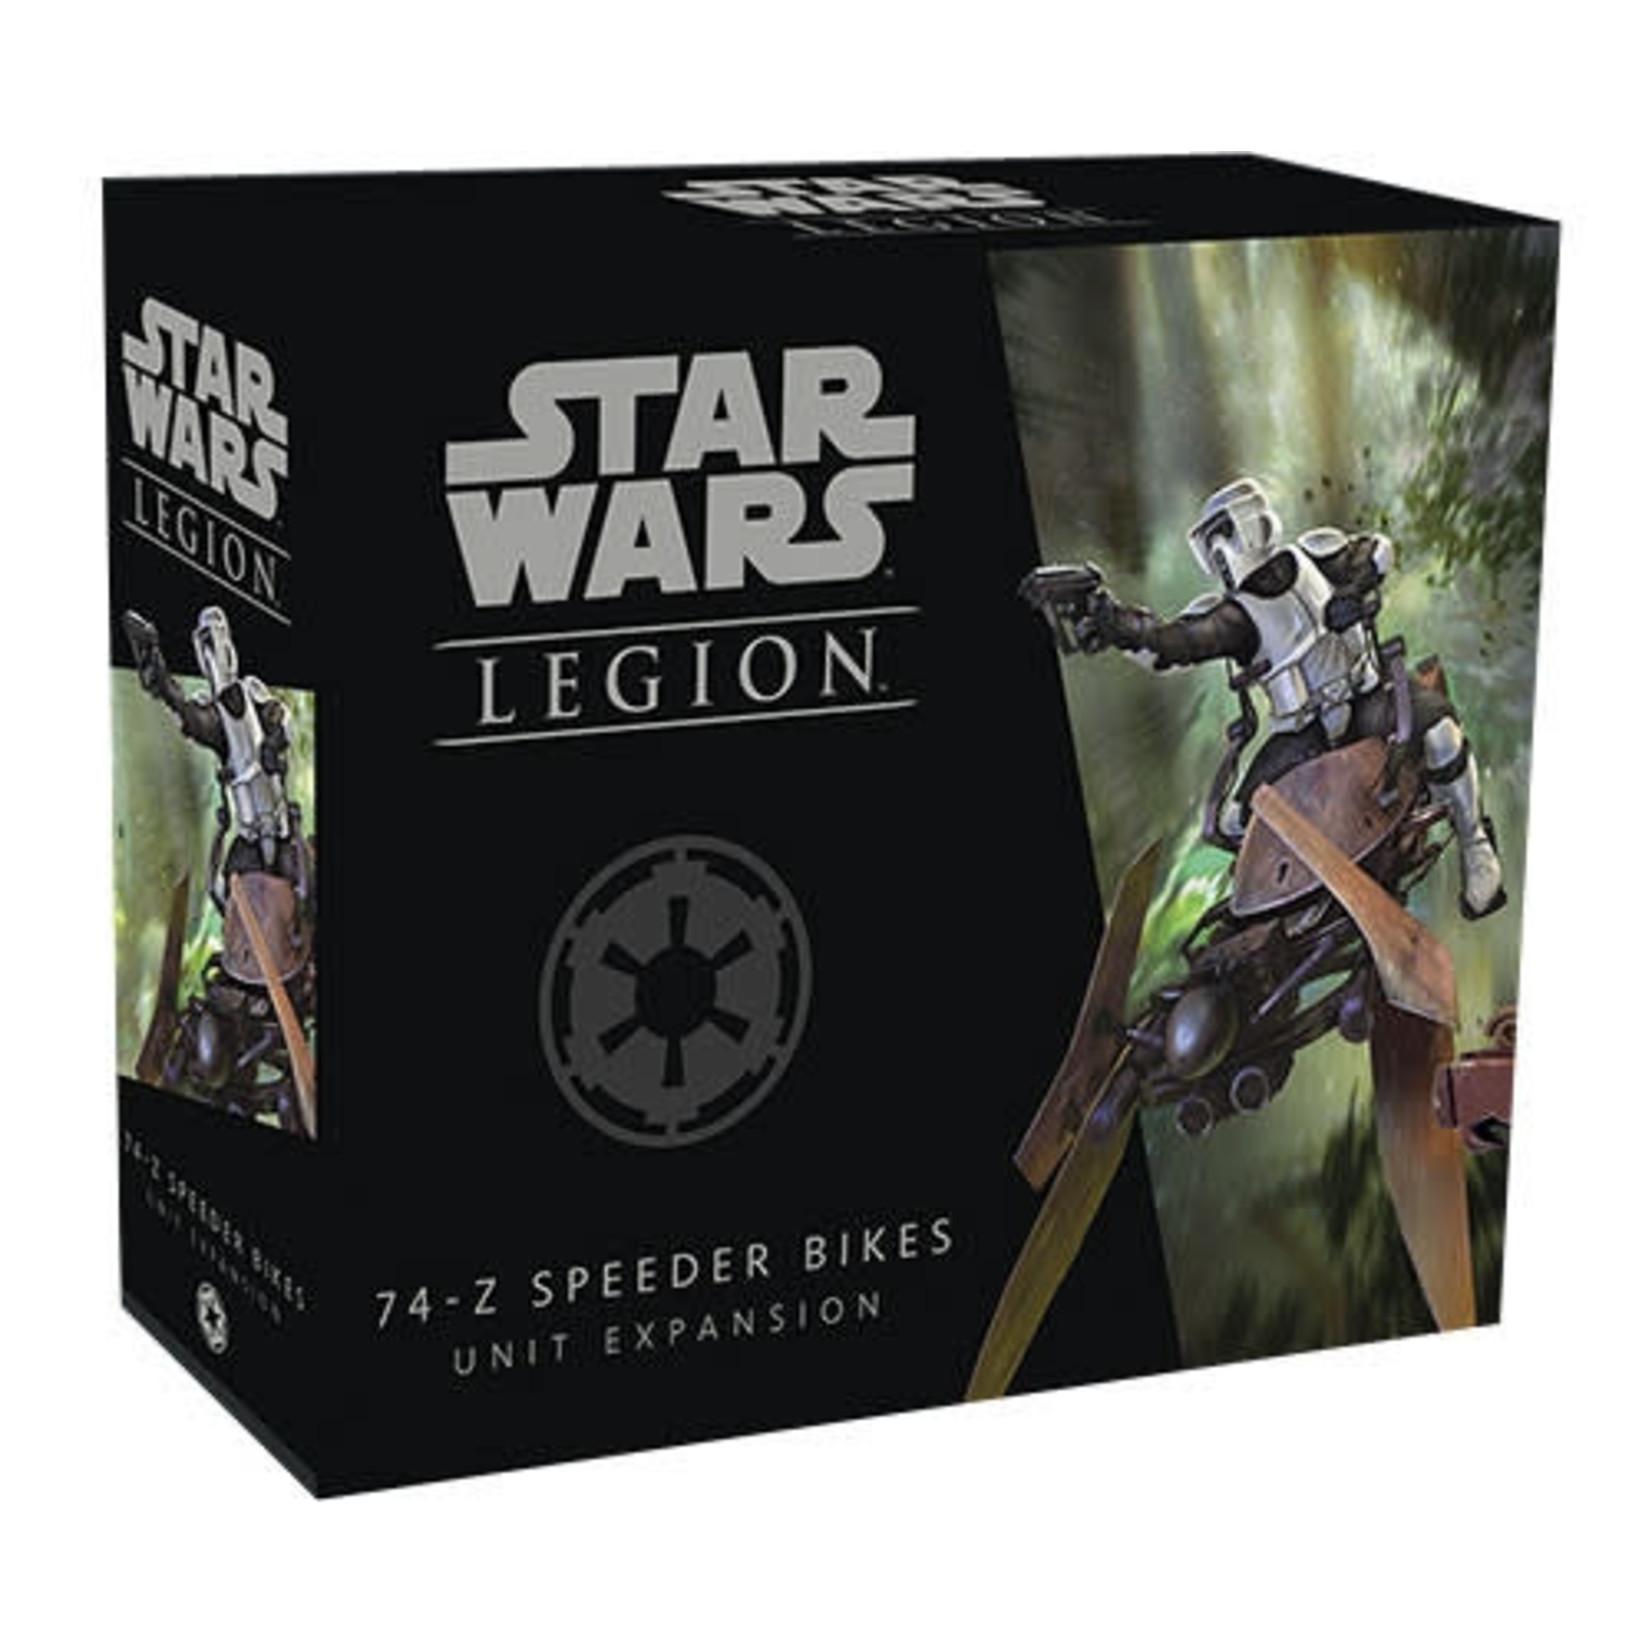 Star Wars Legion 74-Z Speeder Bikes Unit Expansion